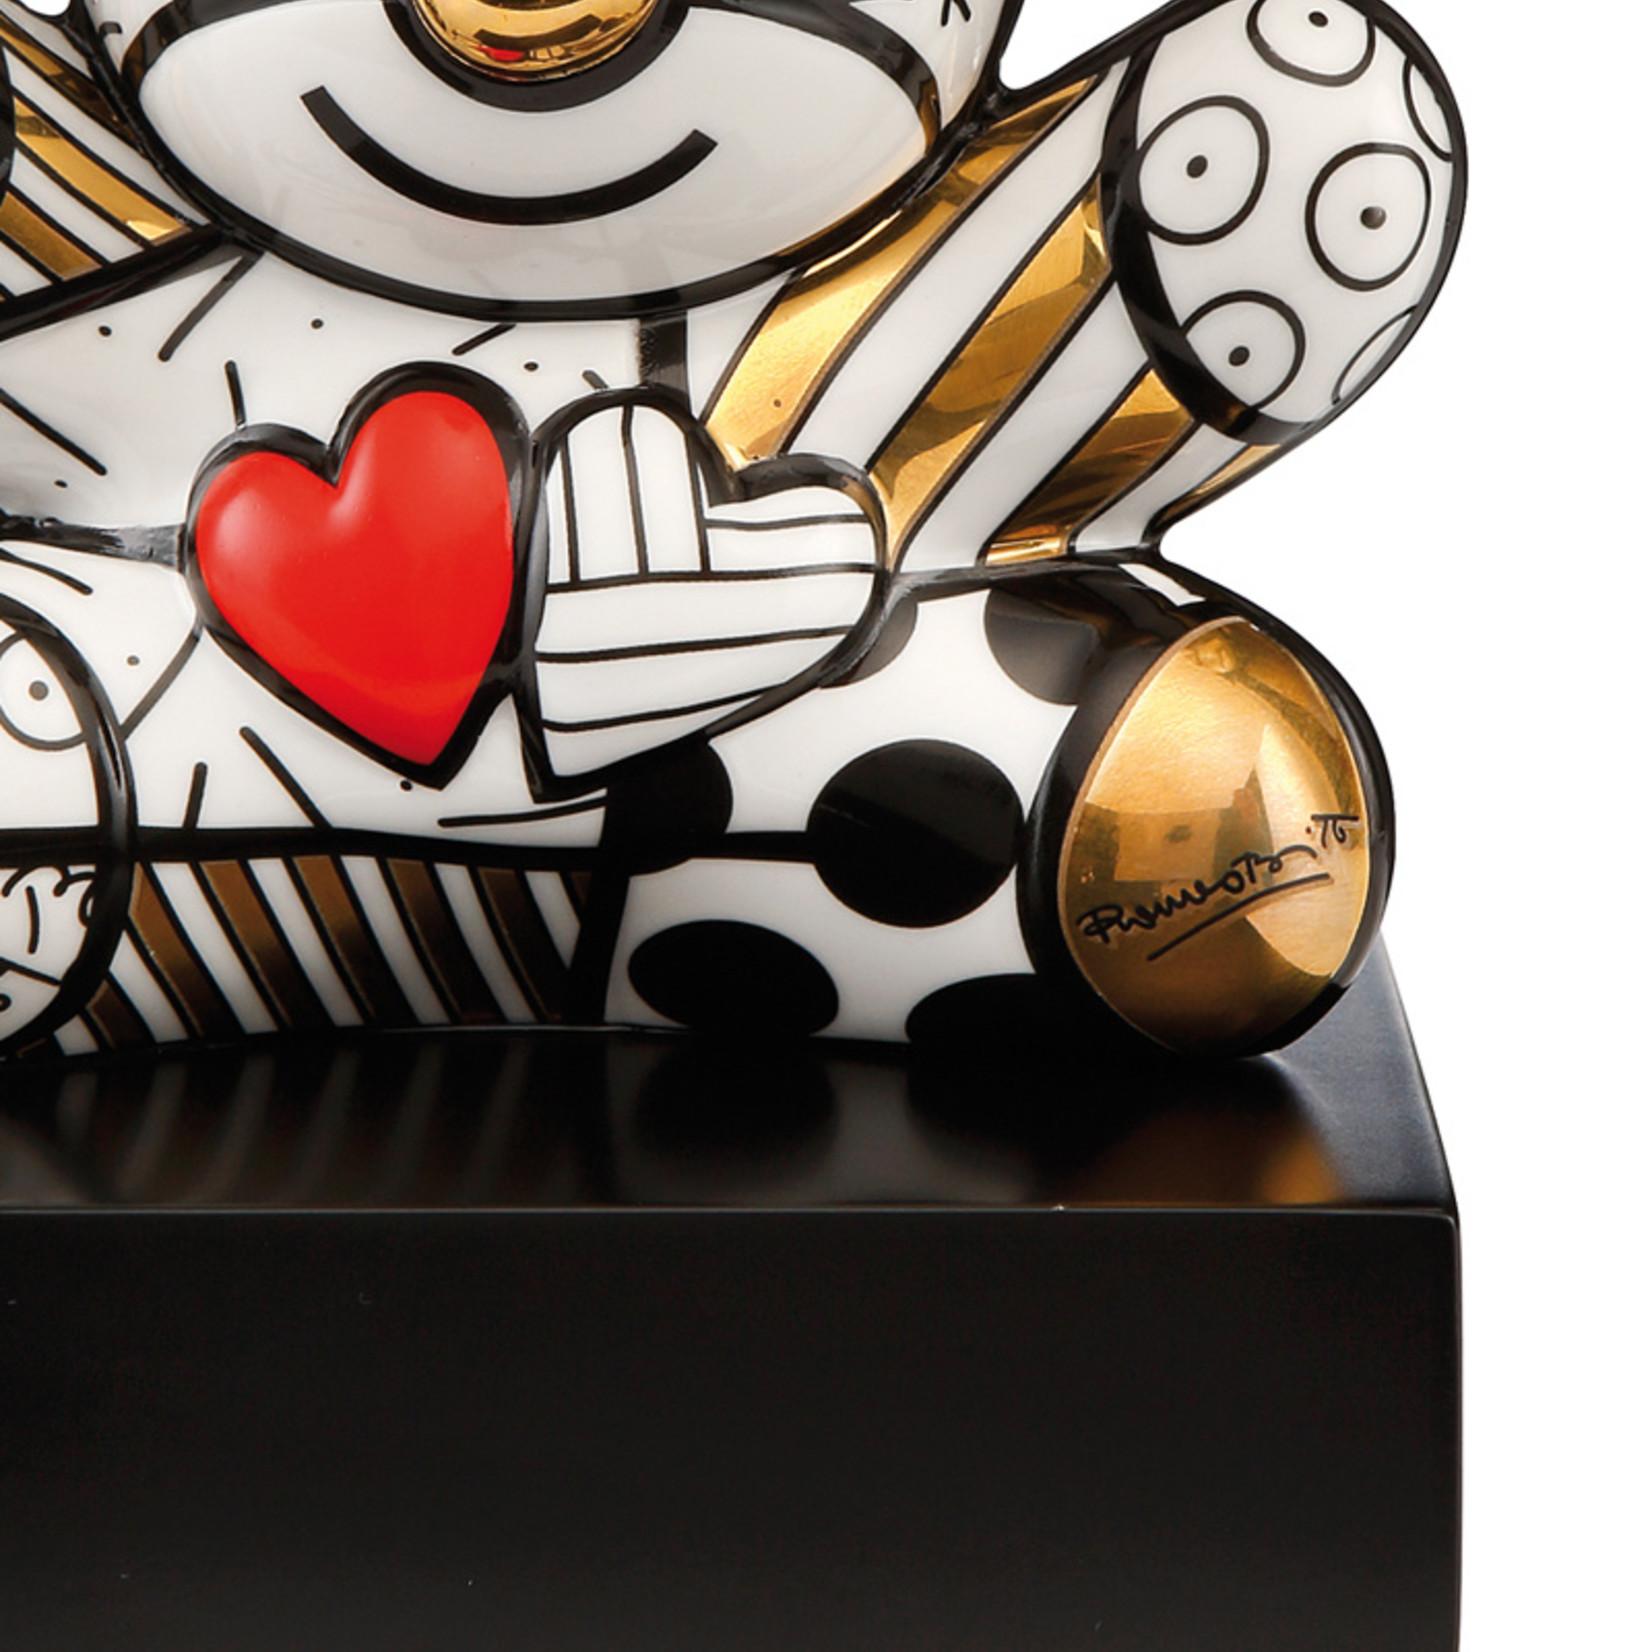 Goebel Porzellanmanufaktur Figur Golden Truly Yours  | Romero Britto | Goebel Porzellan